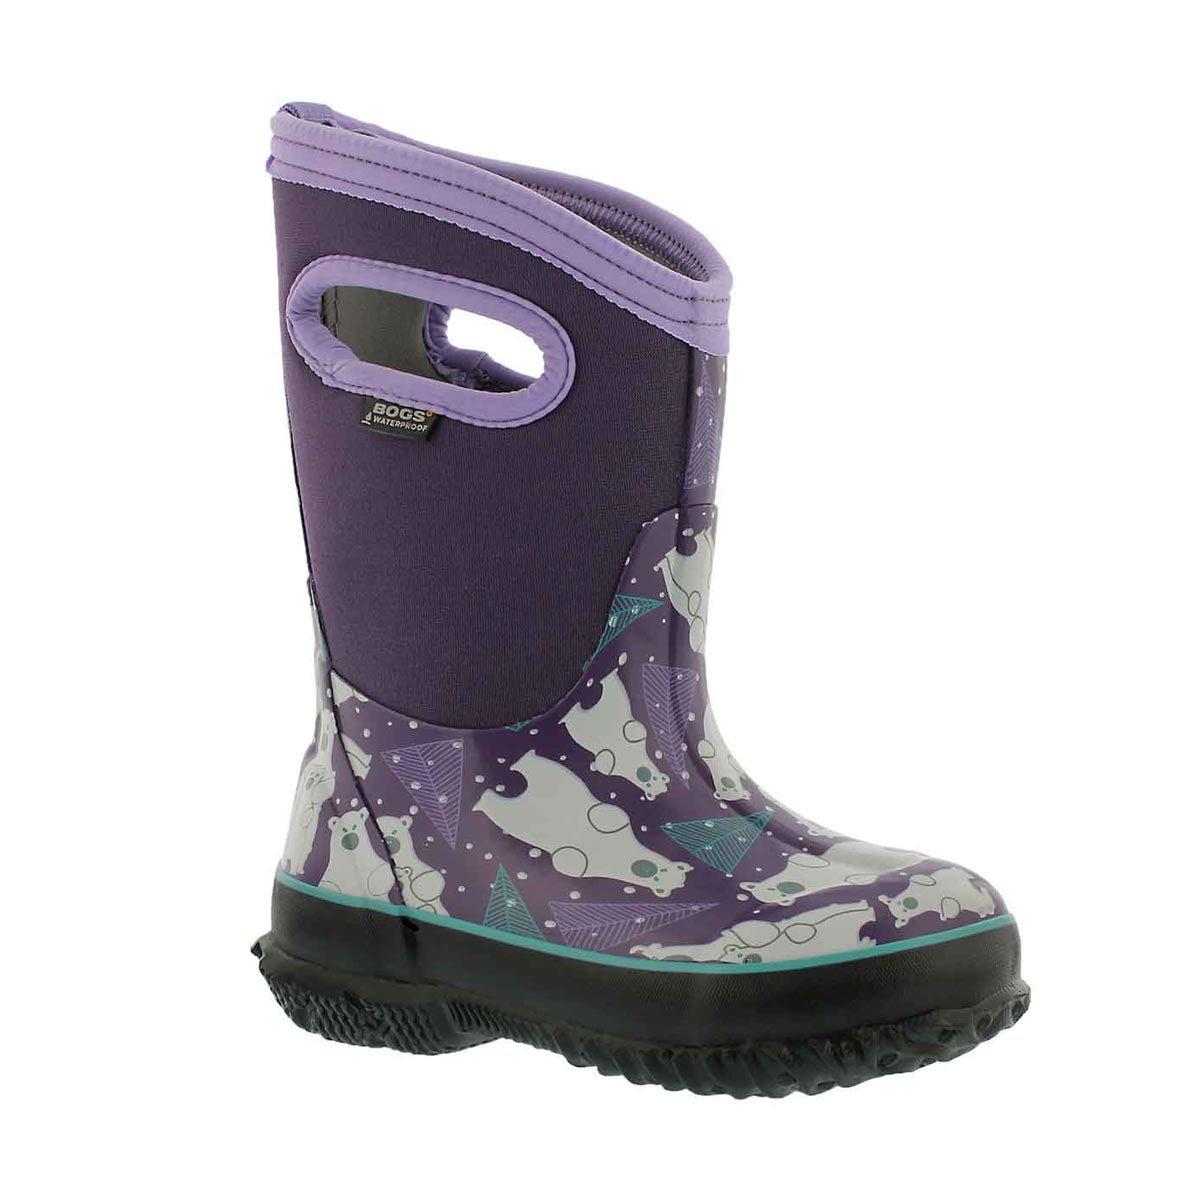 Girls' CLASSIC BEARS purple multi waterproof boots